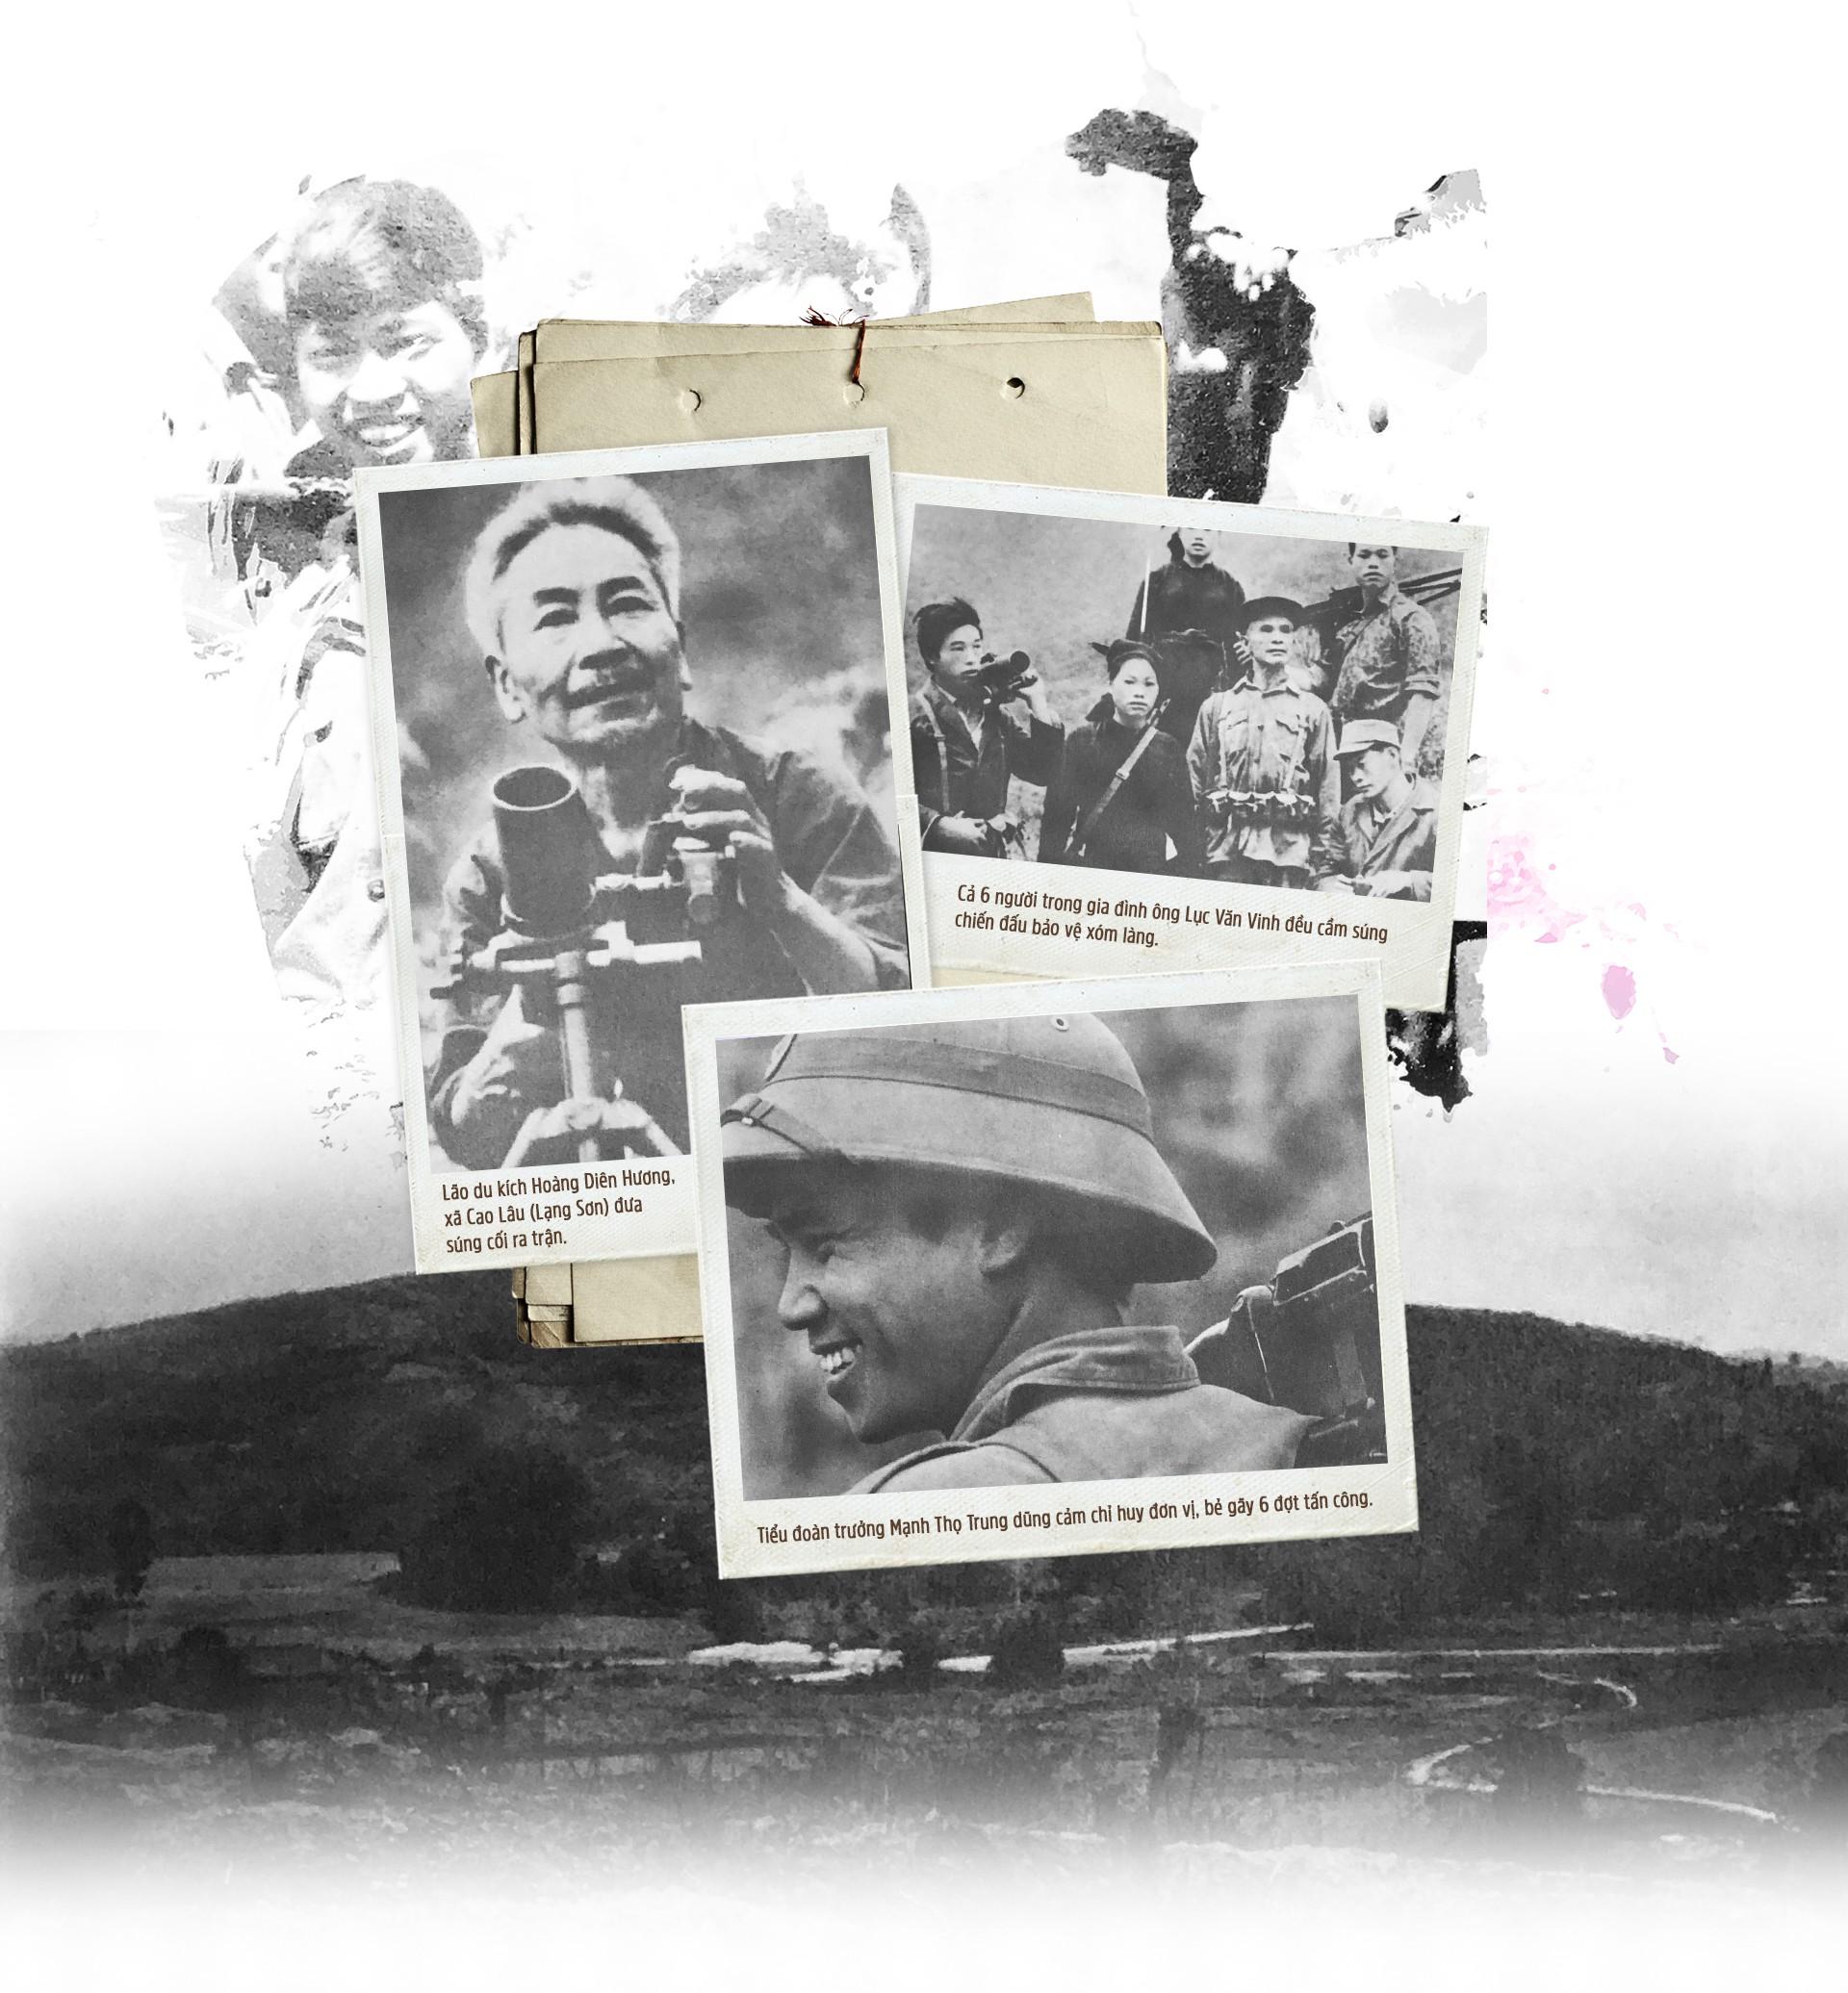 Xúc động những bức ảnh giữa chiến trường biên giới 1979 - Ảnh 5.